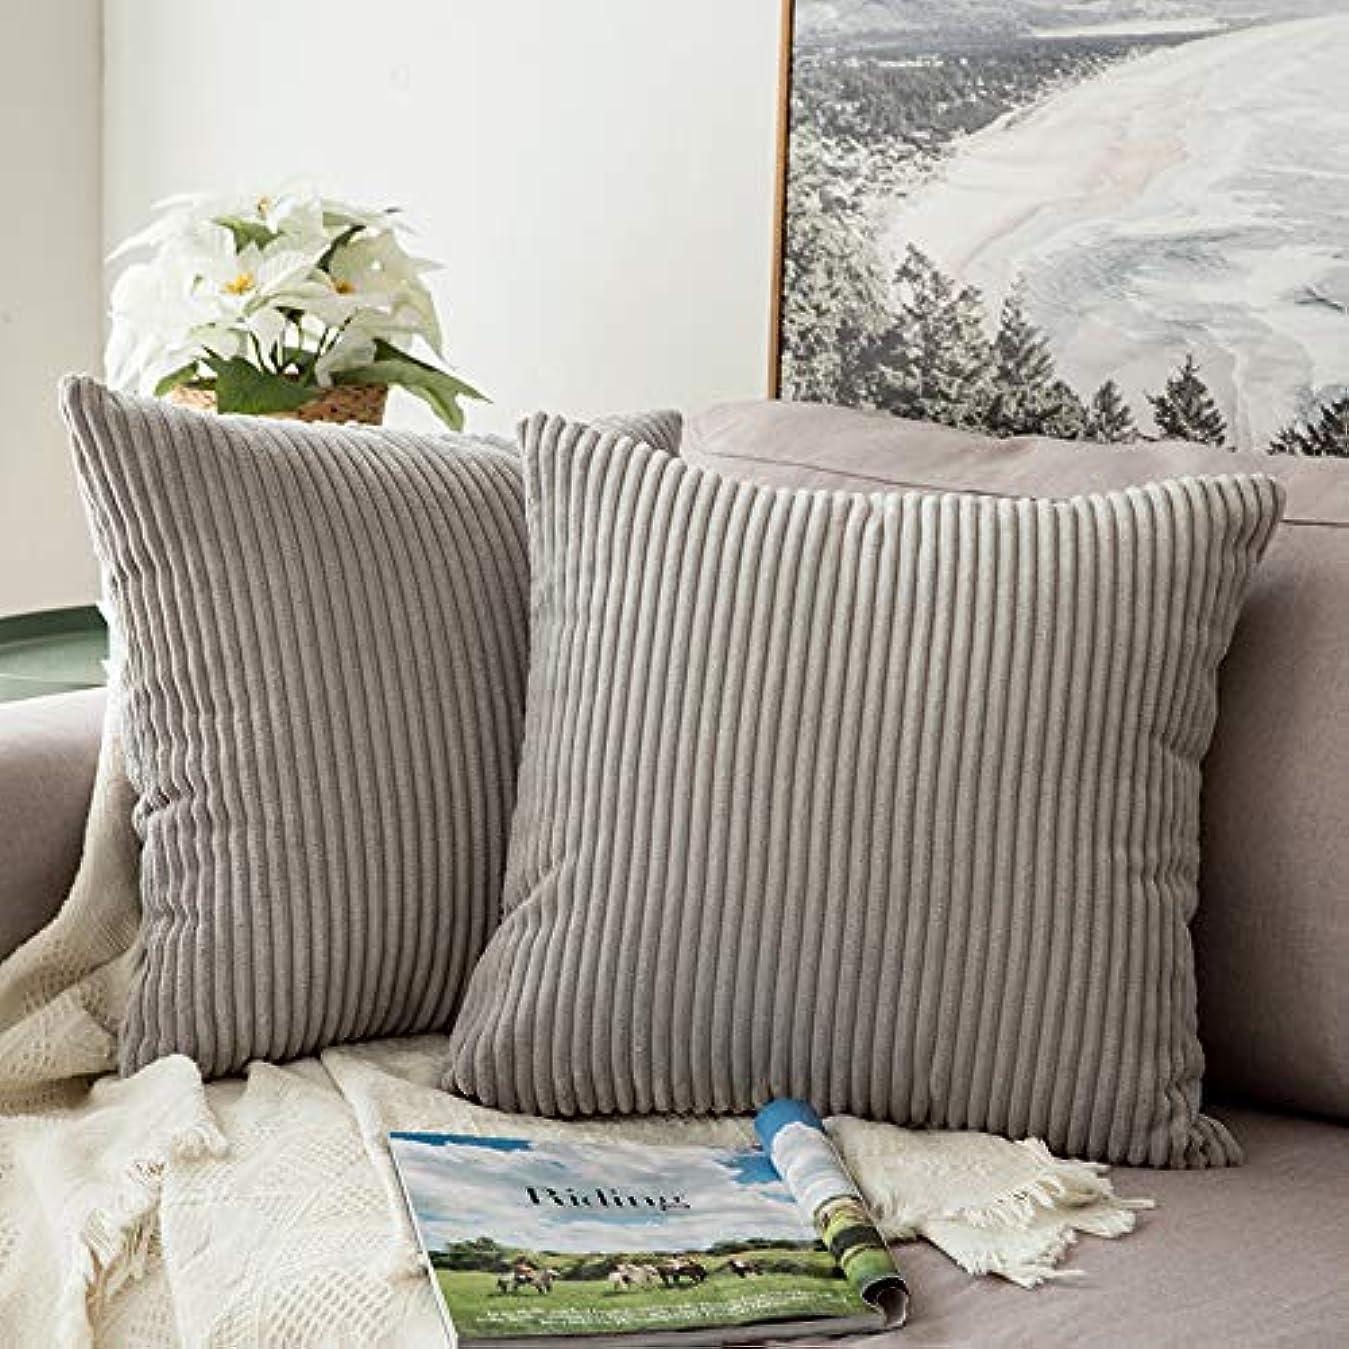 宇宙船誓う安全なKUKI ピロークッション ベッド ソファー 背部クッションないソリッドカラーのストライプの枕カバーによってオフィスの腰